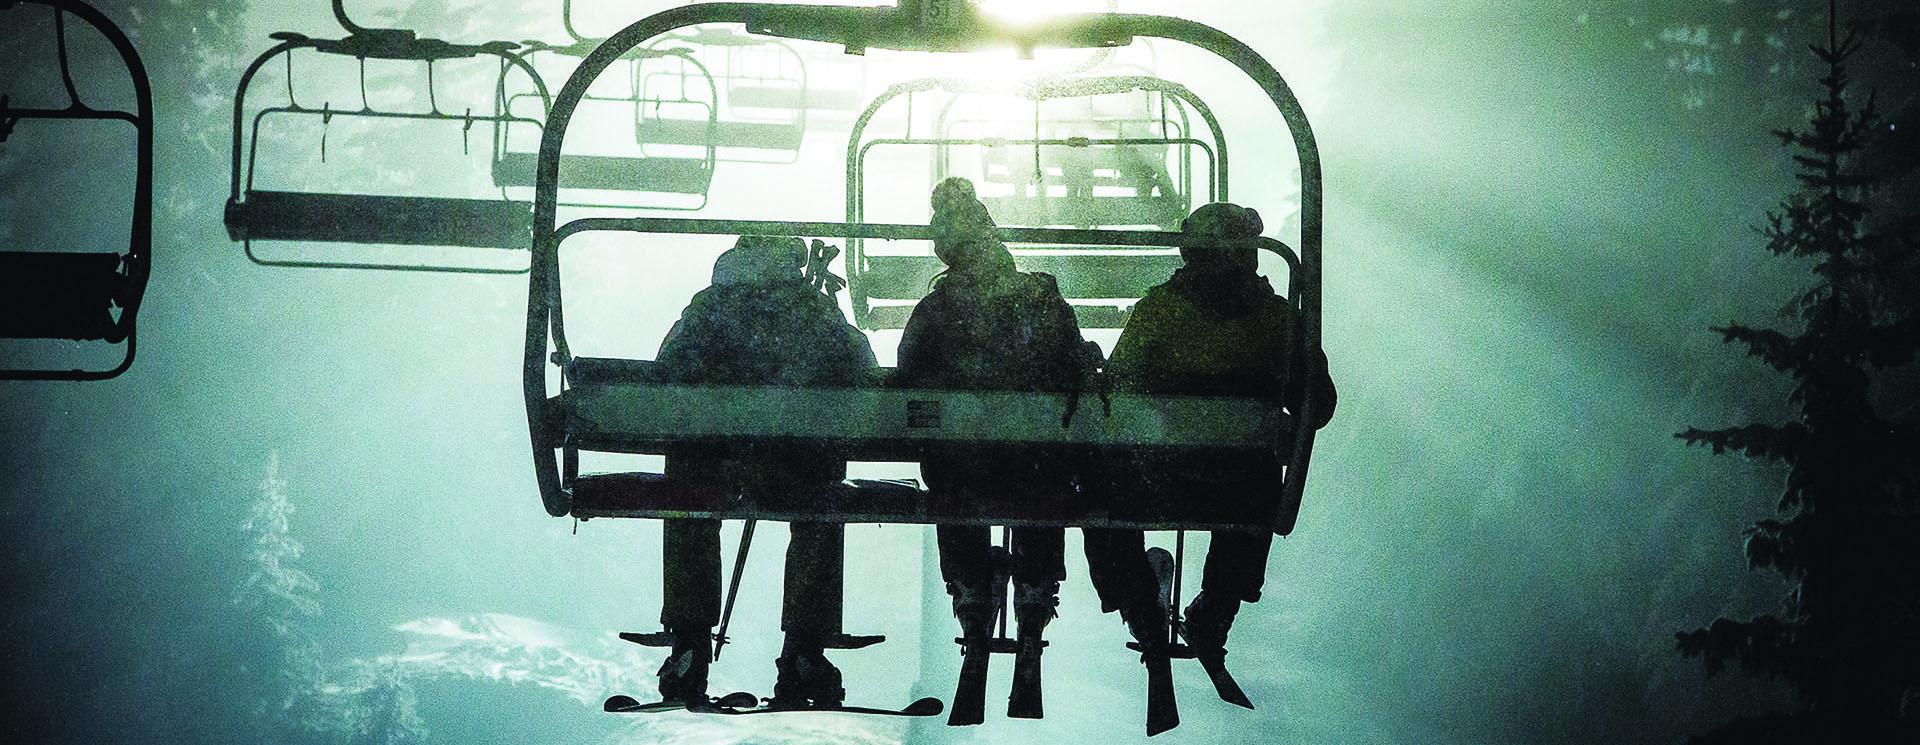 050-a-ski-nocturne-david-machet-h16-web-200618